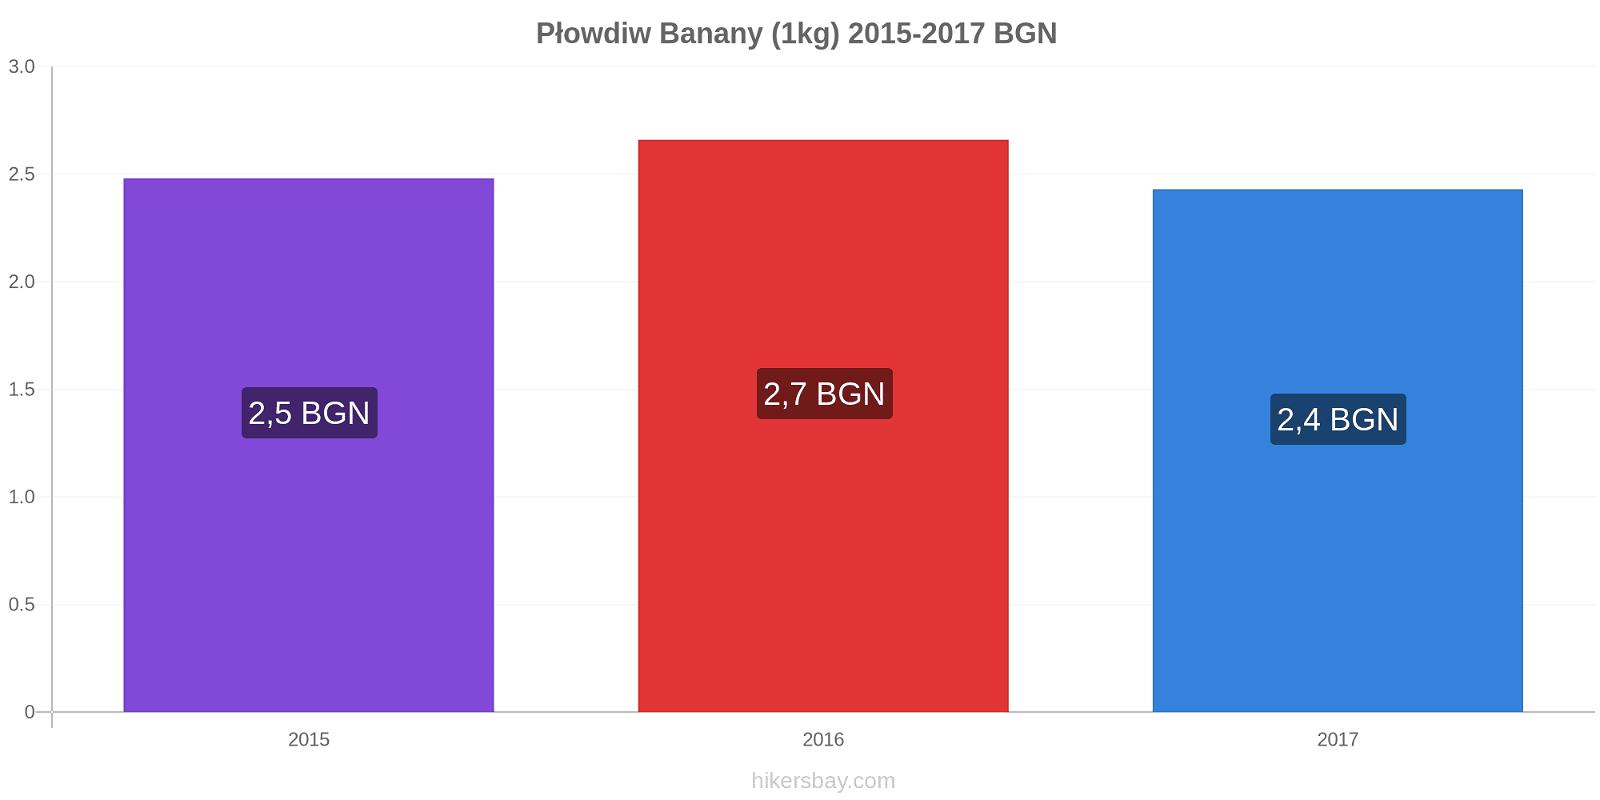 Płowdiw zmiany cen Banany (1kg) hikersbay.com